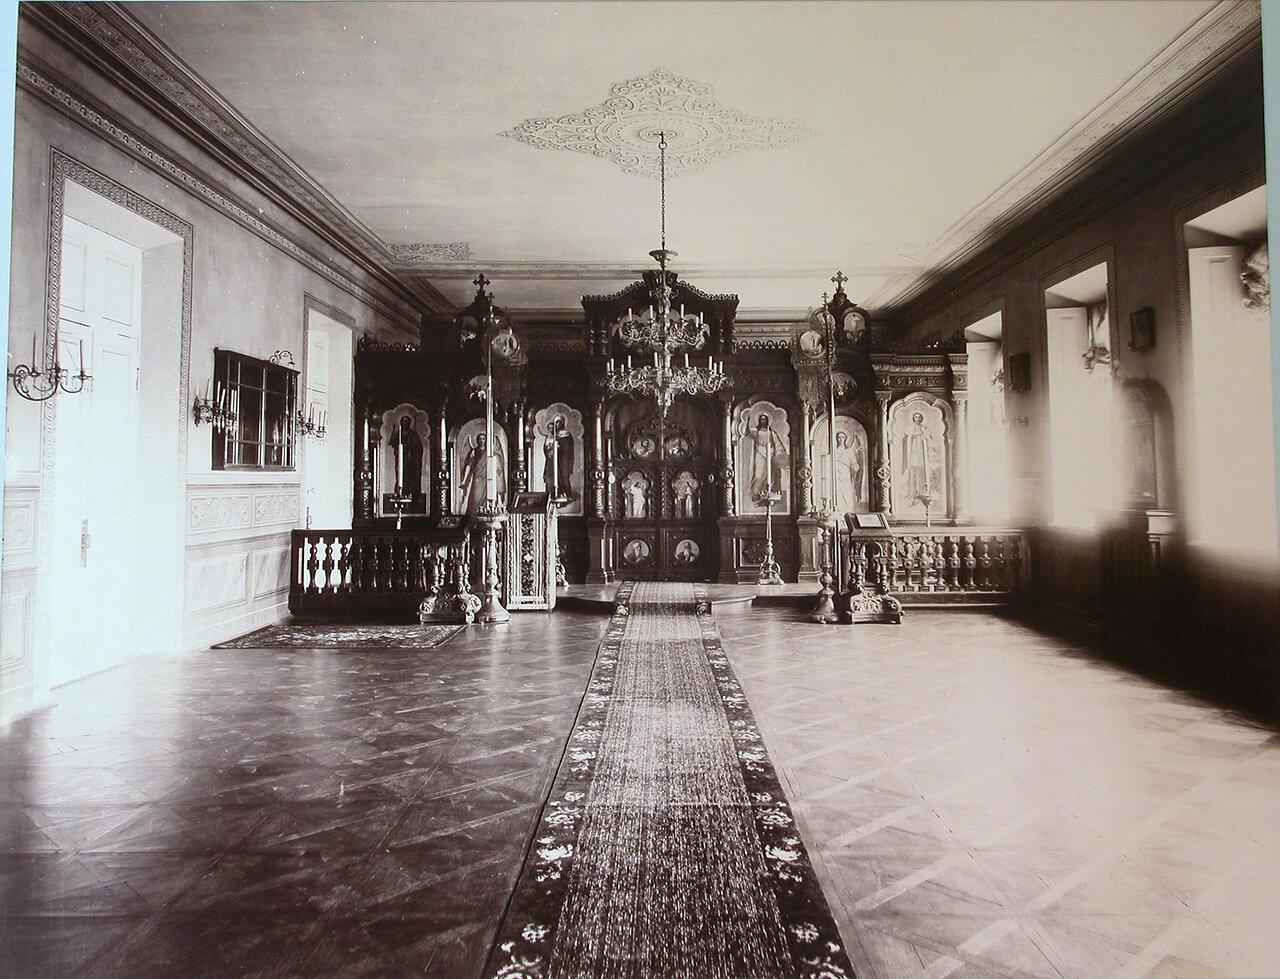 05. Внутренний вид церкви Киевского реального училища